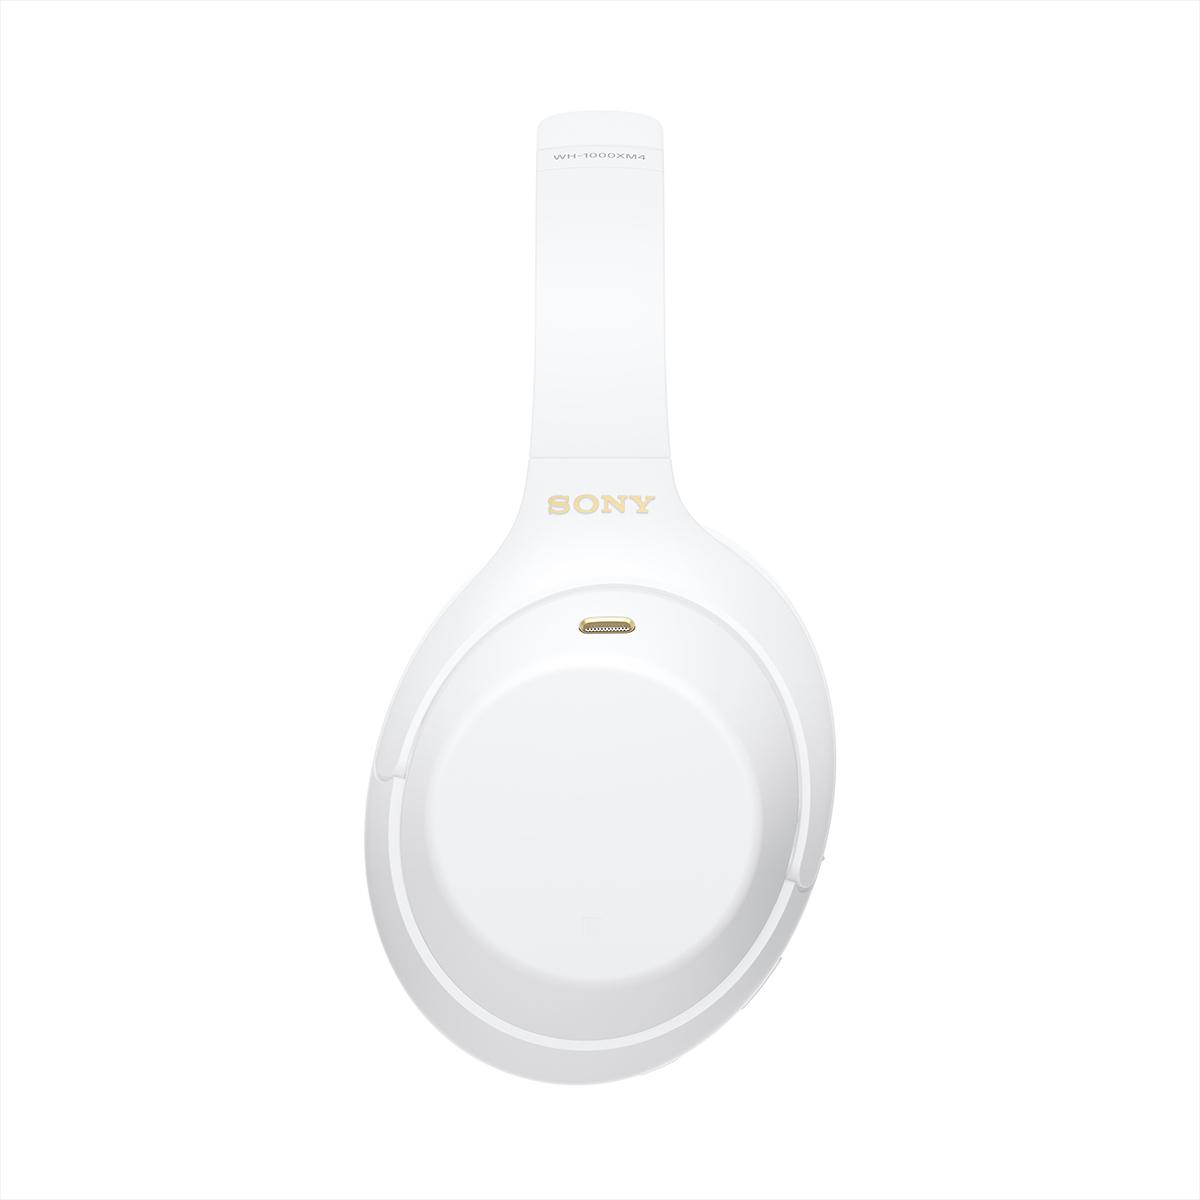 Беспроводные наушники Sony WH1000XM4W белые купить в официальном интернет-магазине